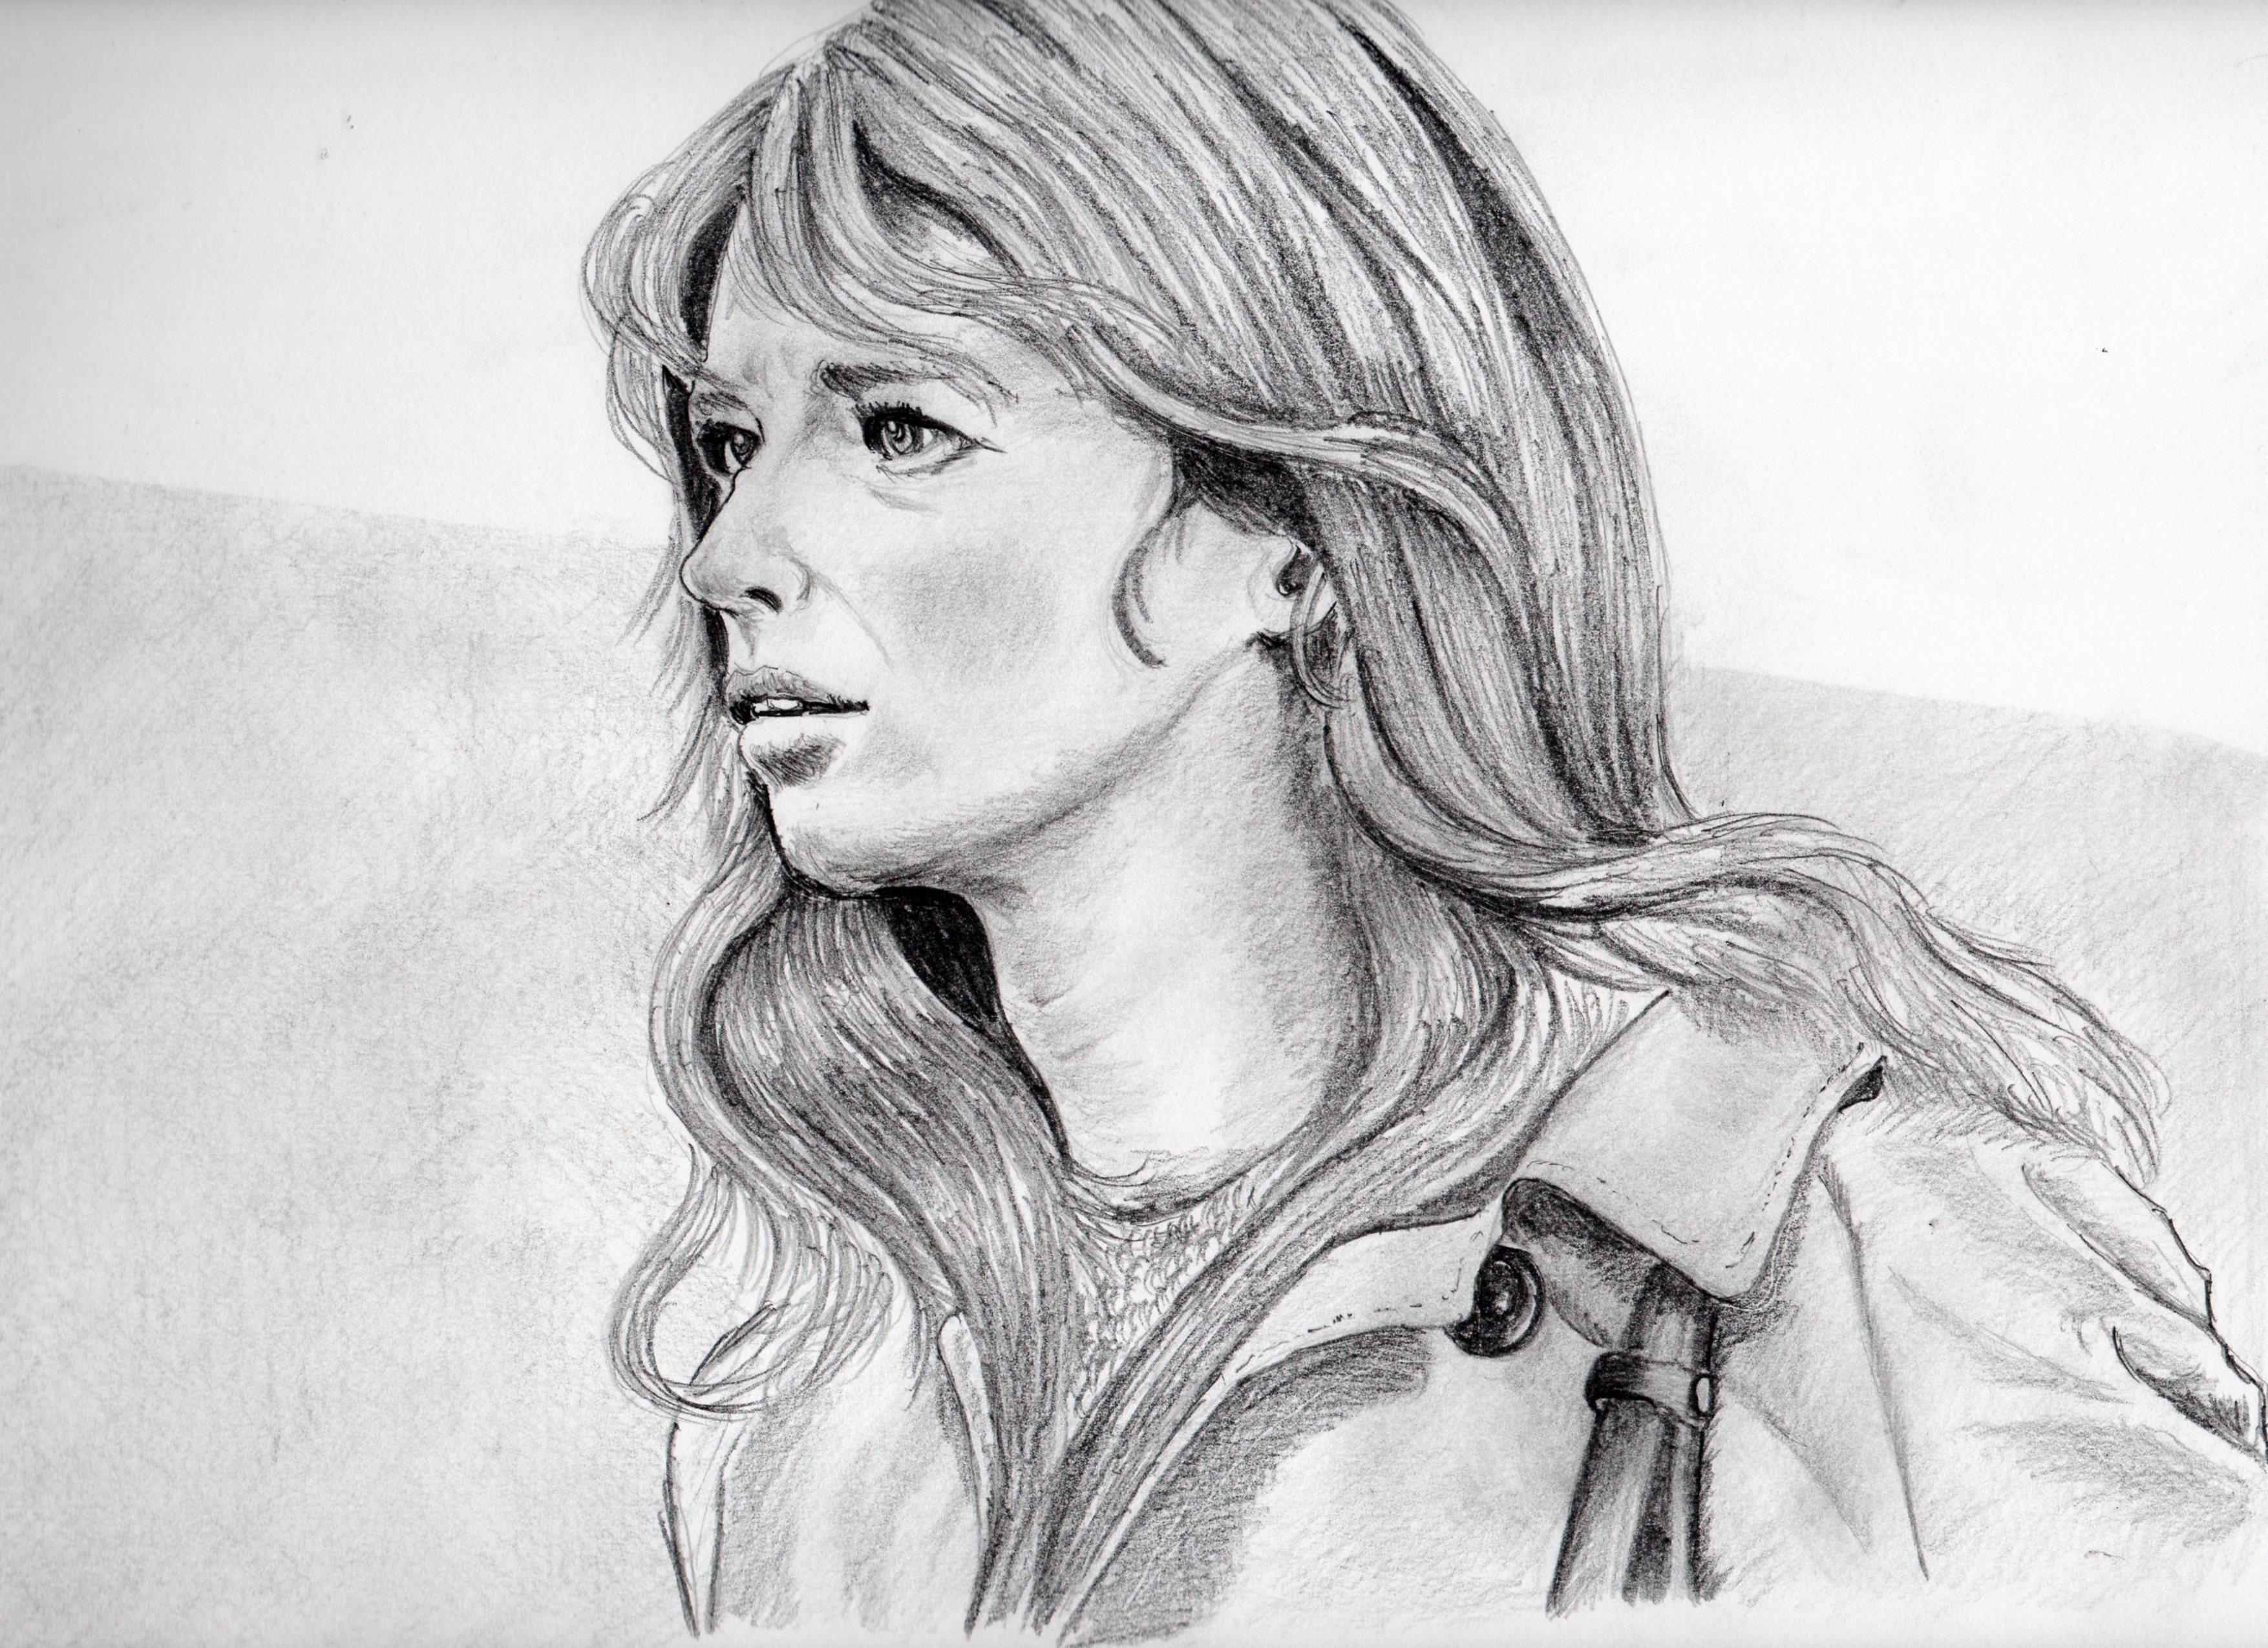 """ジョアンナ・シムカスの鉛筆画似顔絵、ジョアンナ・シムカスの鉛筆画リアル似顔絵"""""""""""